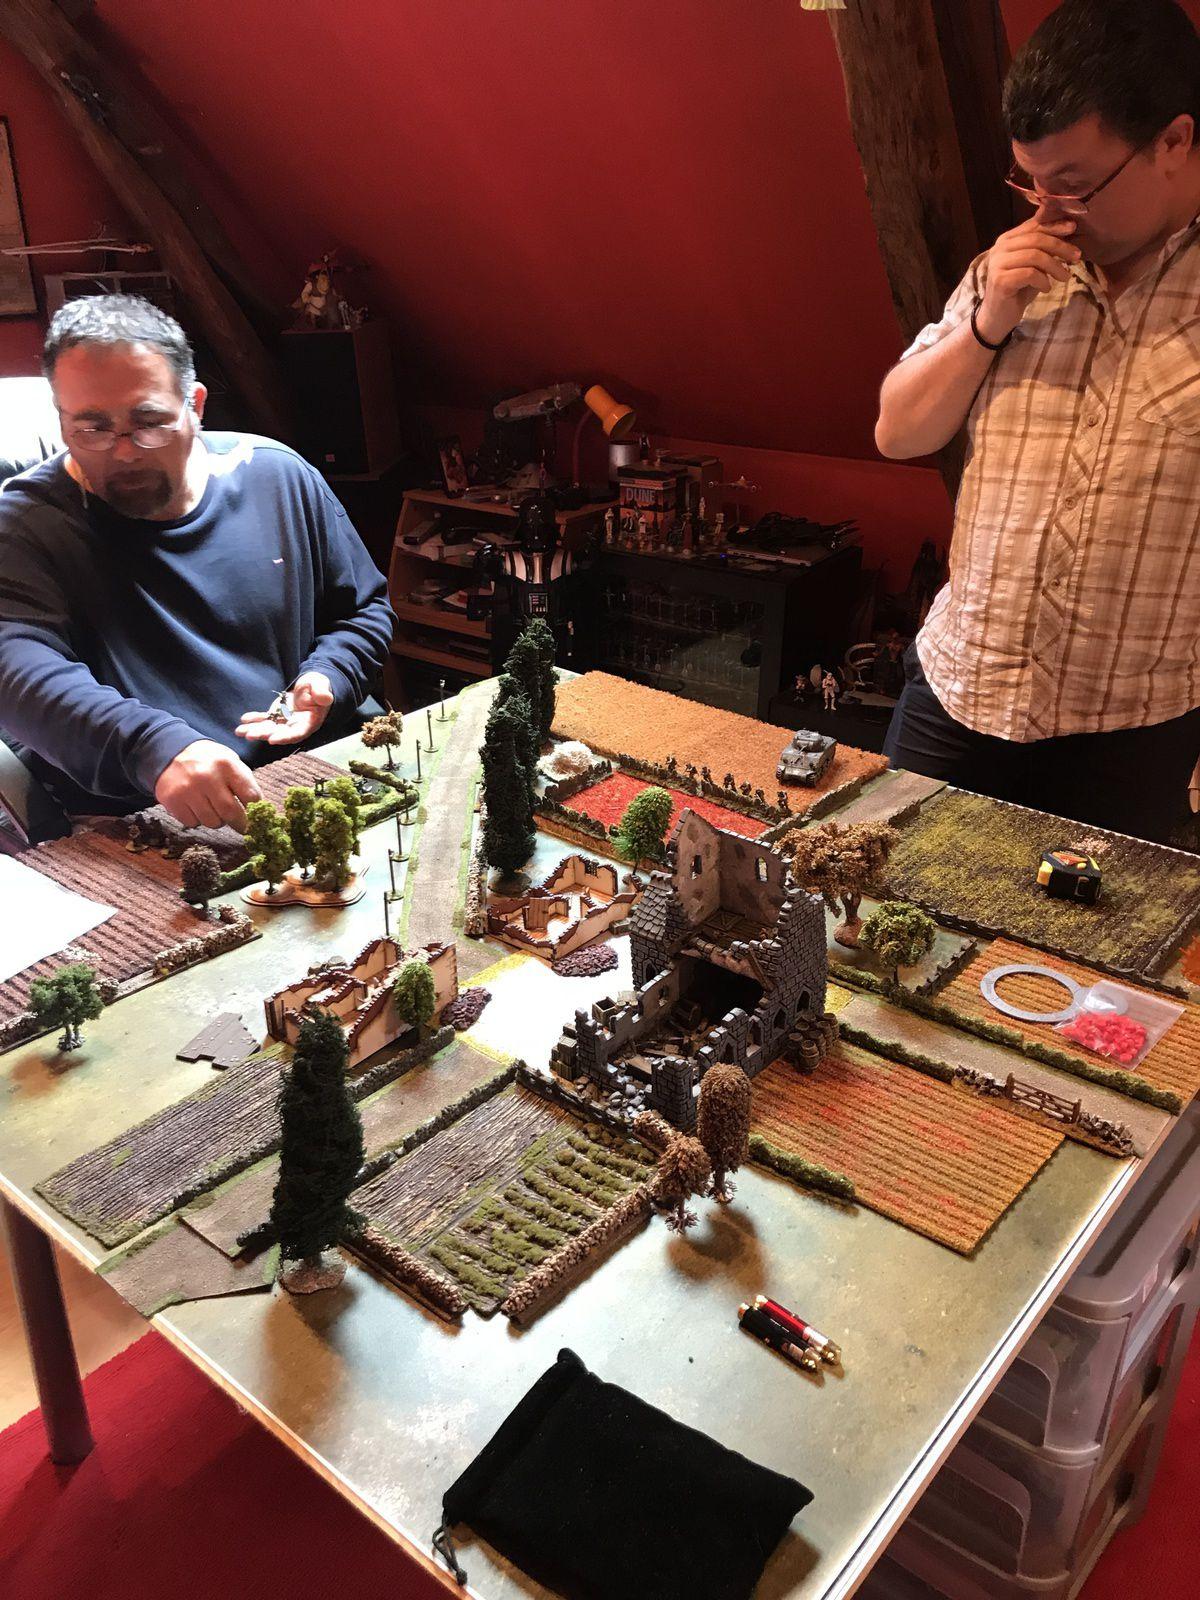 Les Alliés ! se positionnent en premier sur les bords de leur table et dans l'angle